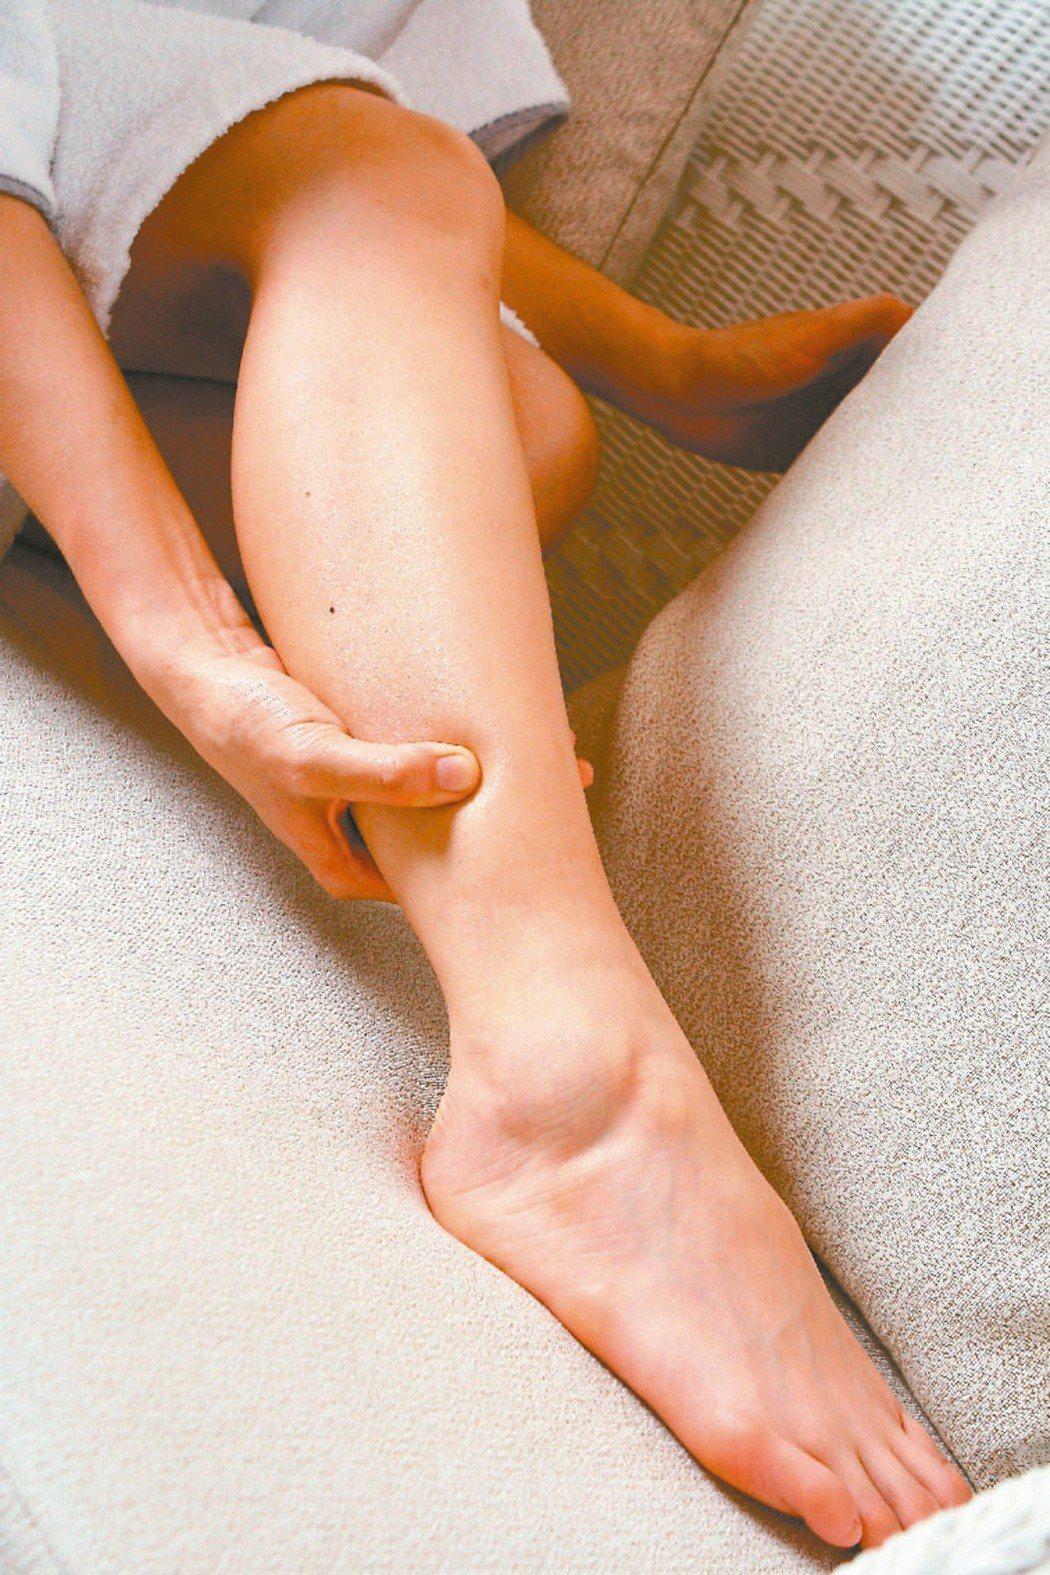 若單腳水腫,要警覺可能是自體循環有關的疾病。 本報資料照片